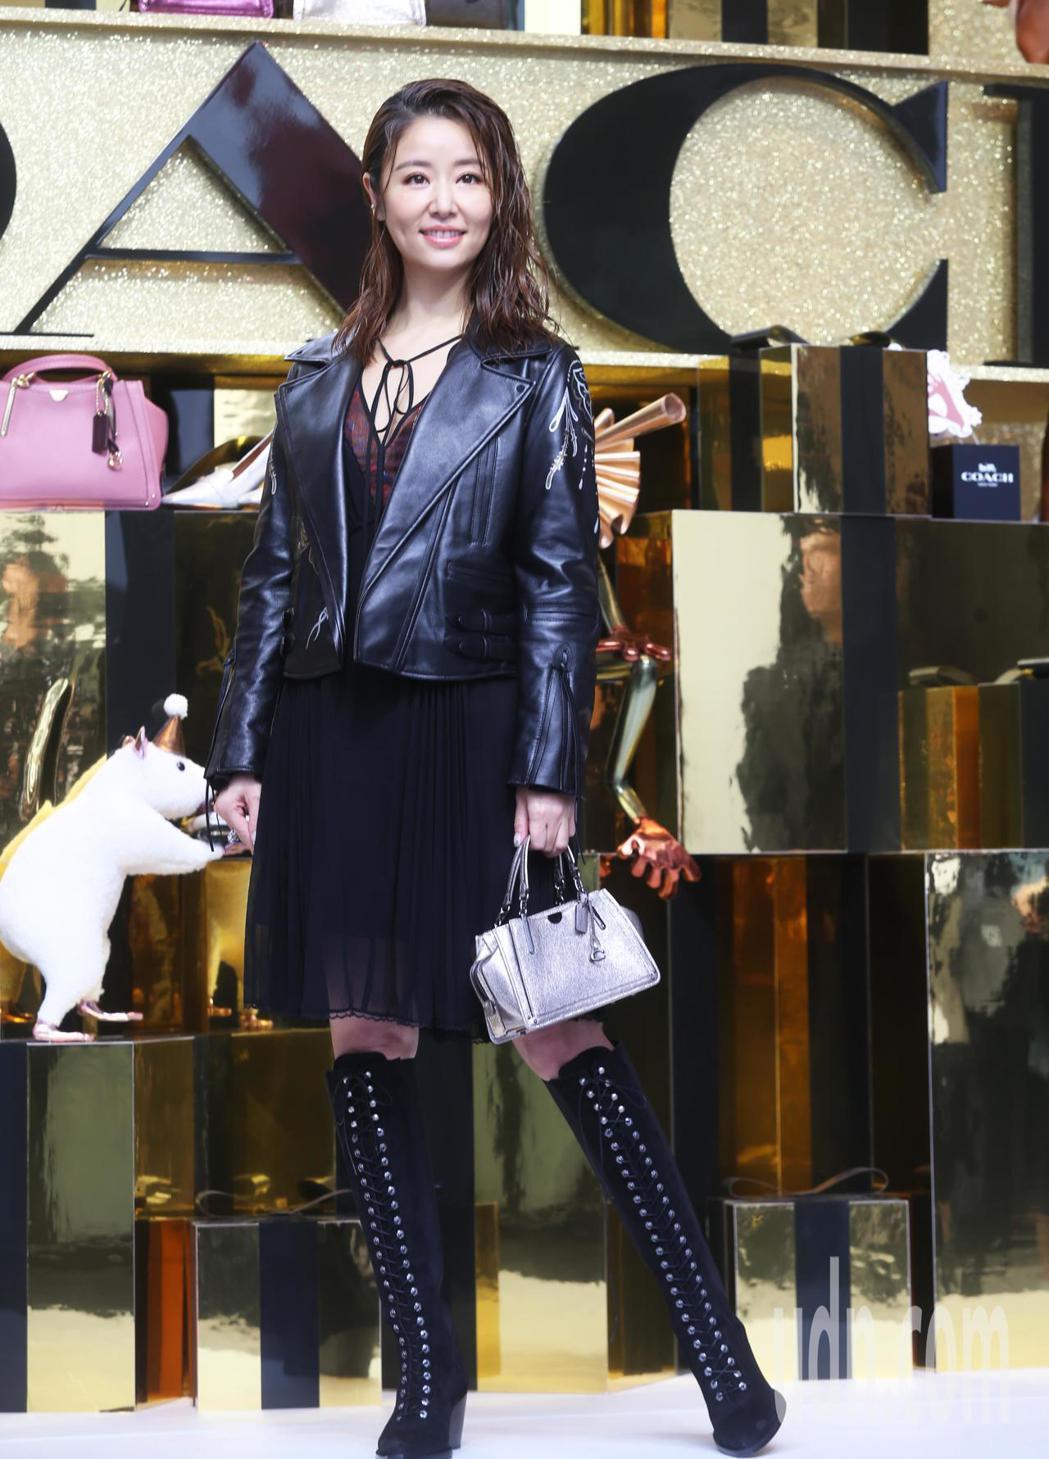 女星林心如今天受邀出席COACH快閃限定店開幕活動。記者徐兆玄/攝影